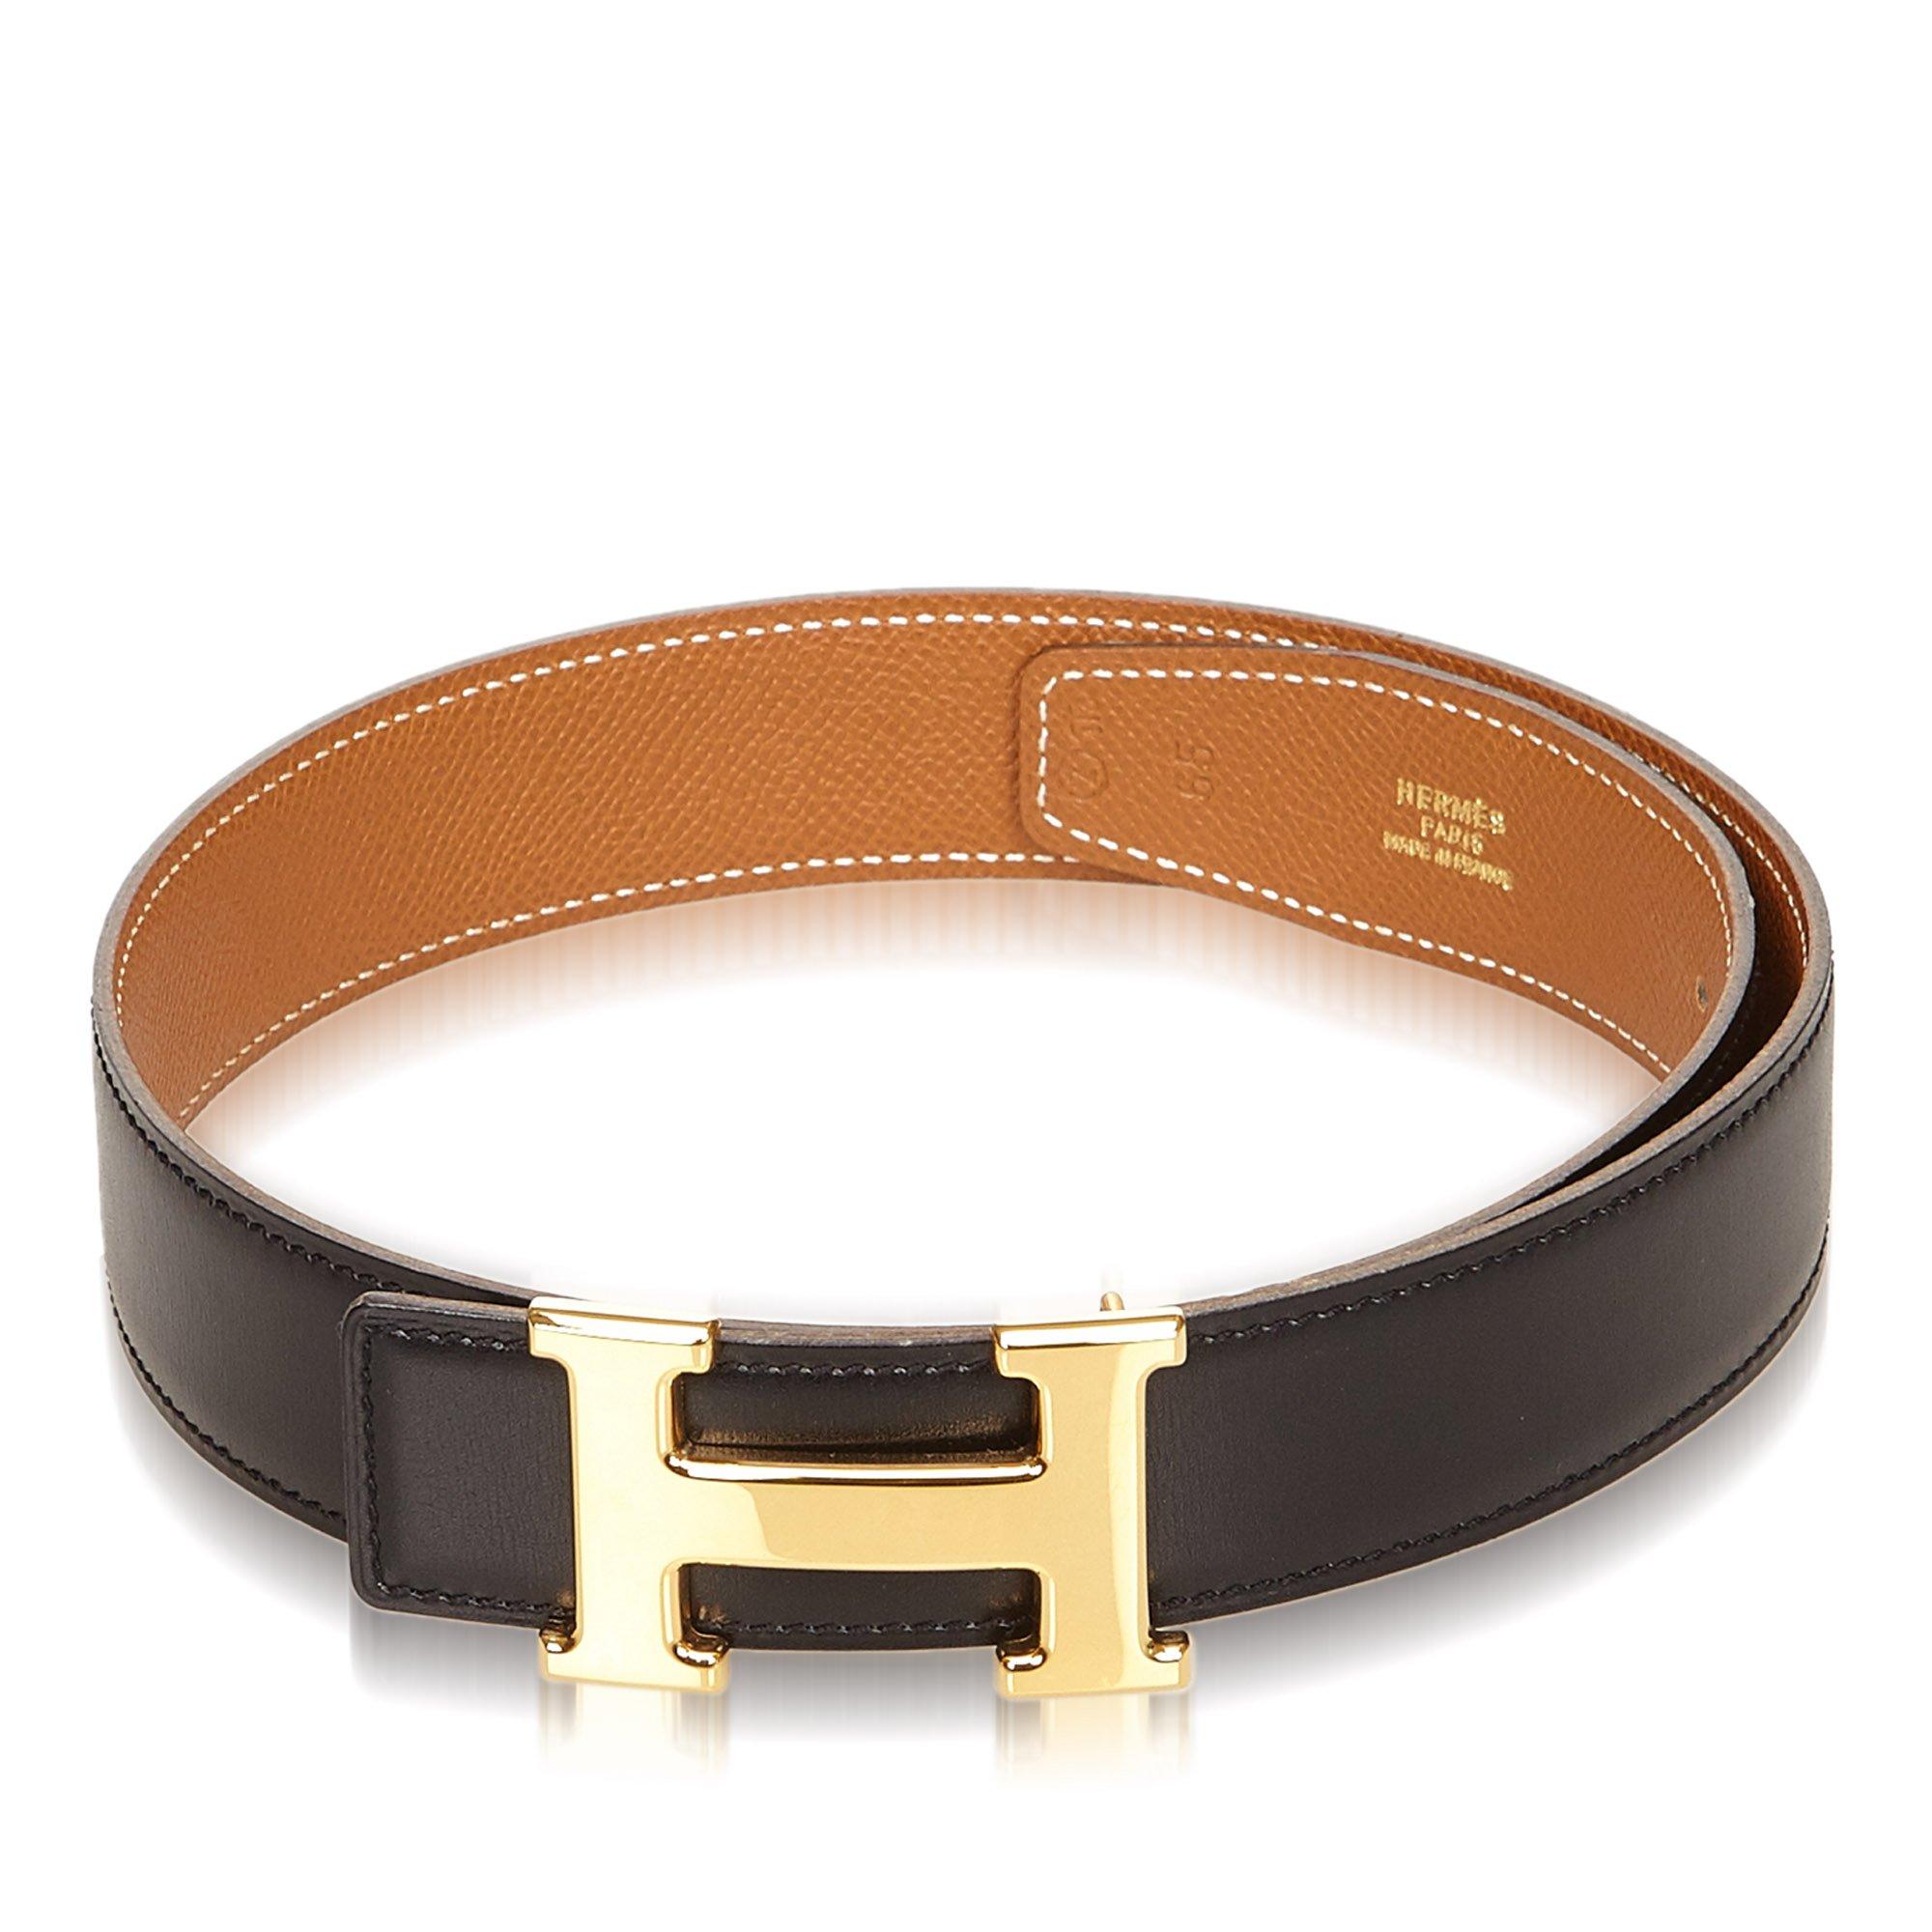 c60d816af48 ... Hermes Black Brown Leather Reversible Constance Belt 65 CM. nextprev.  prevnext